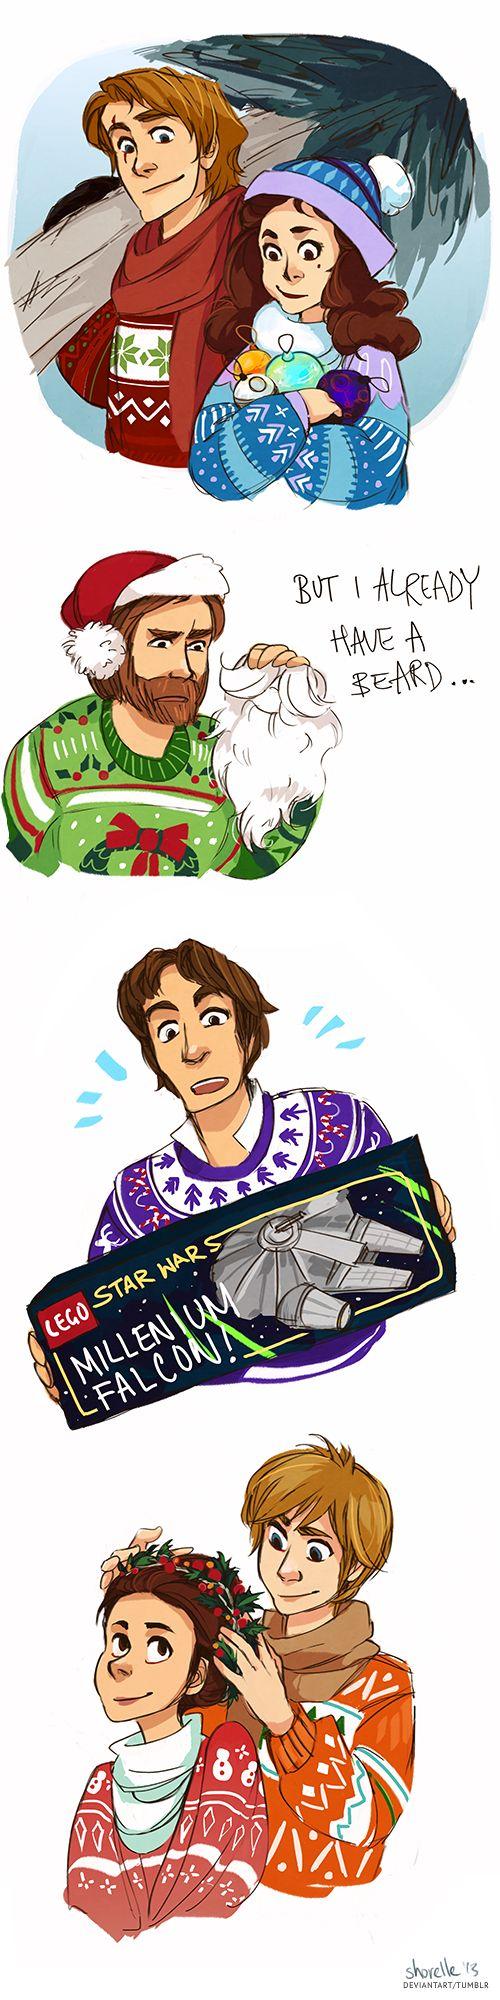 a star wars holiday special by shorelle.deviantart.com on @deviantART<<<<< So cute!